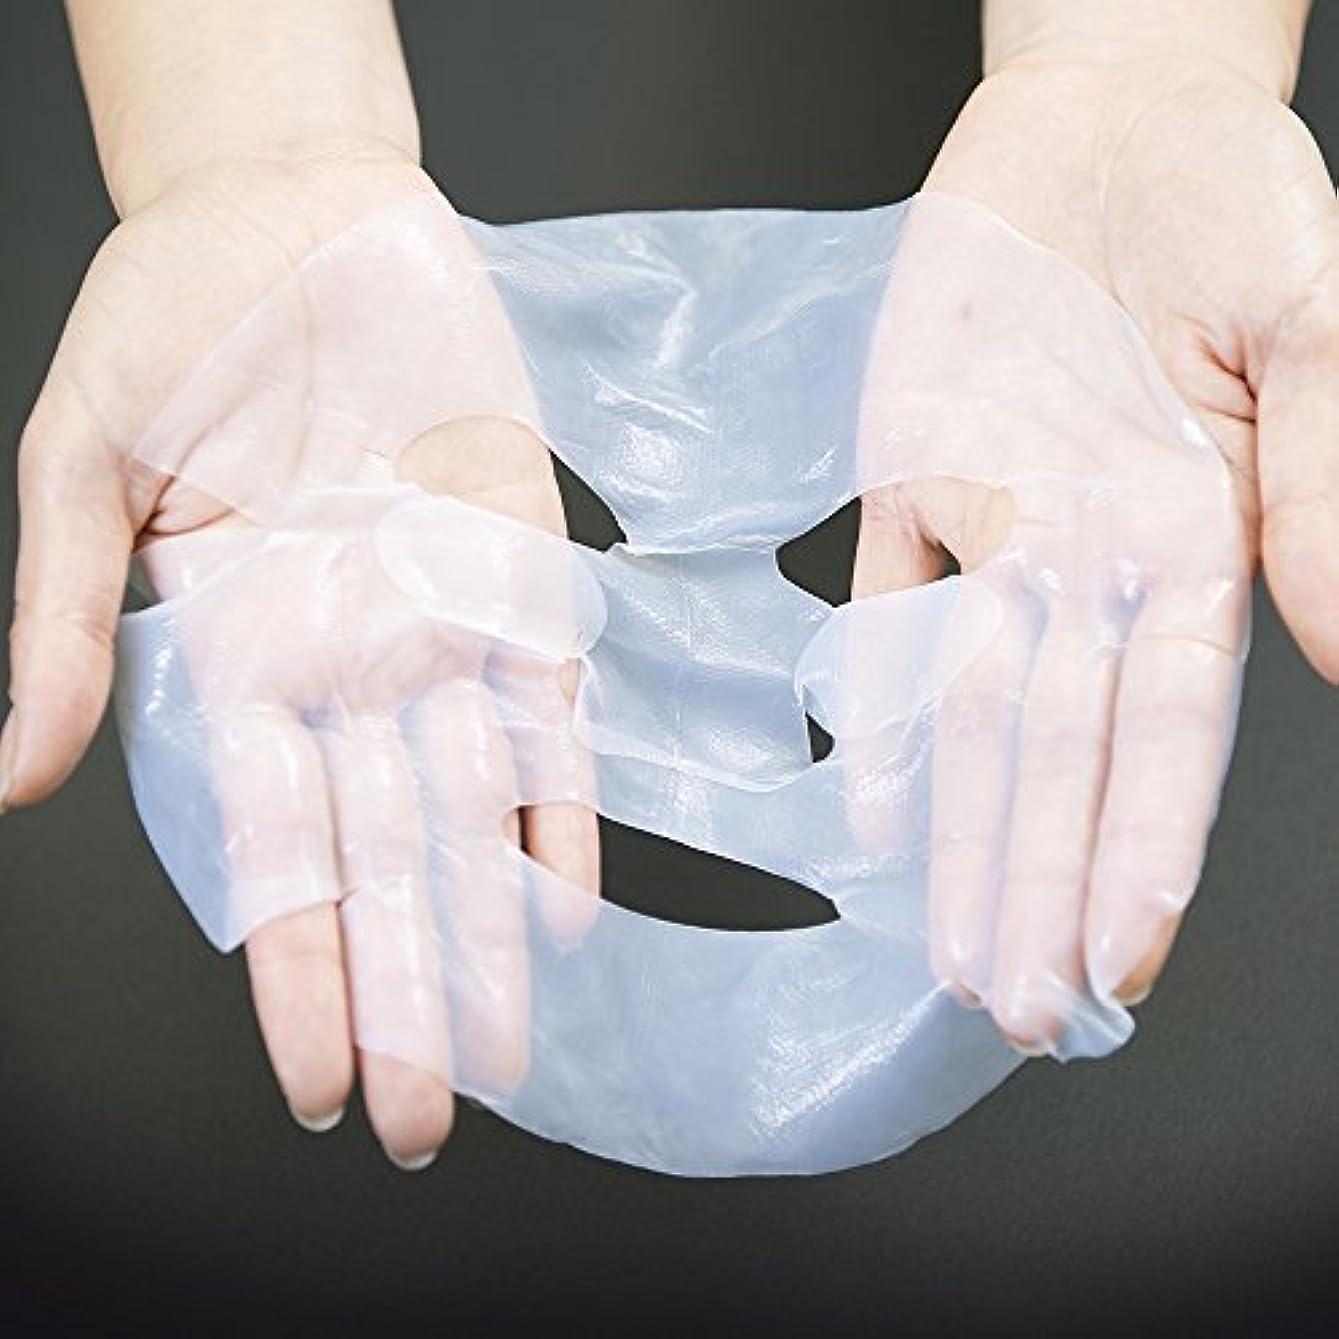 協力変装したトークヒト幹細胞化粧品 ディアガイア フェイスパック 5枚セット